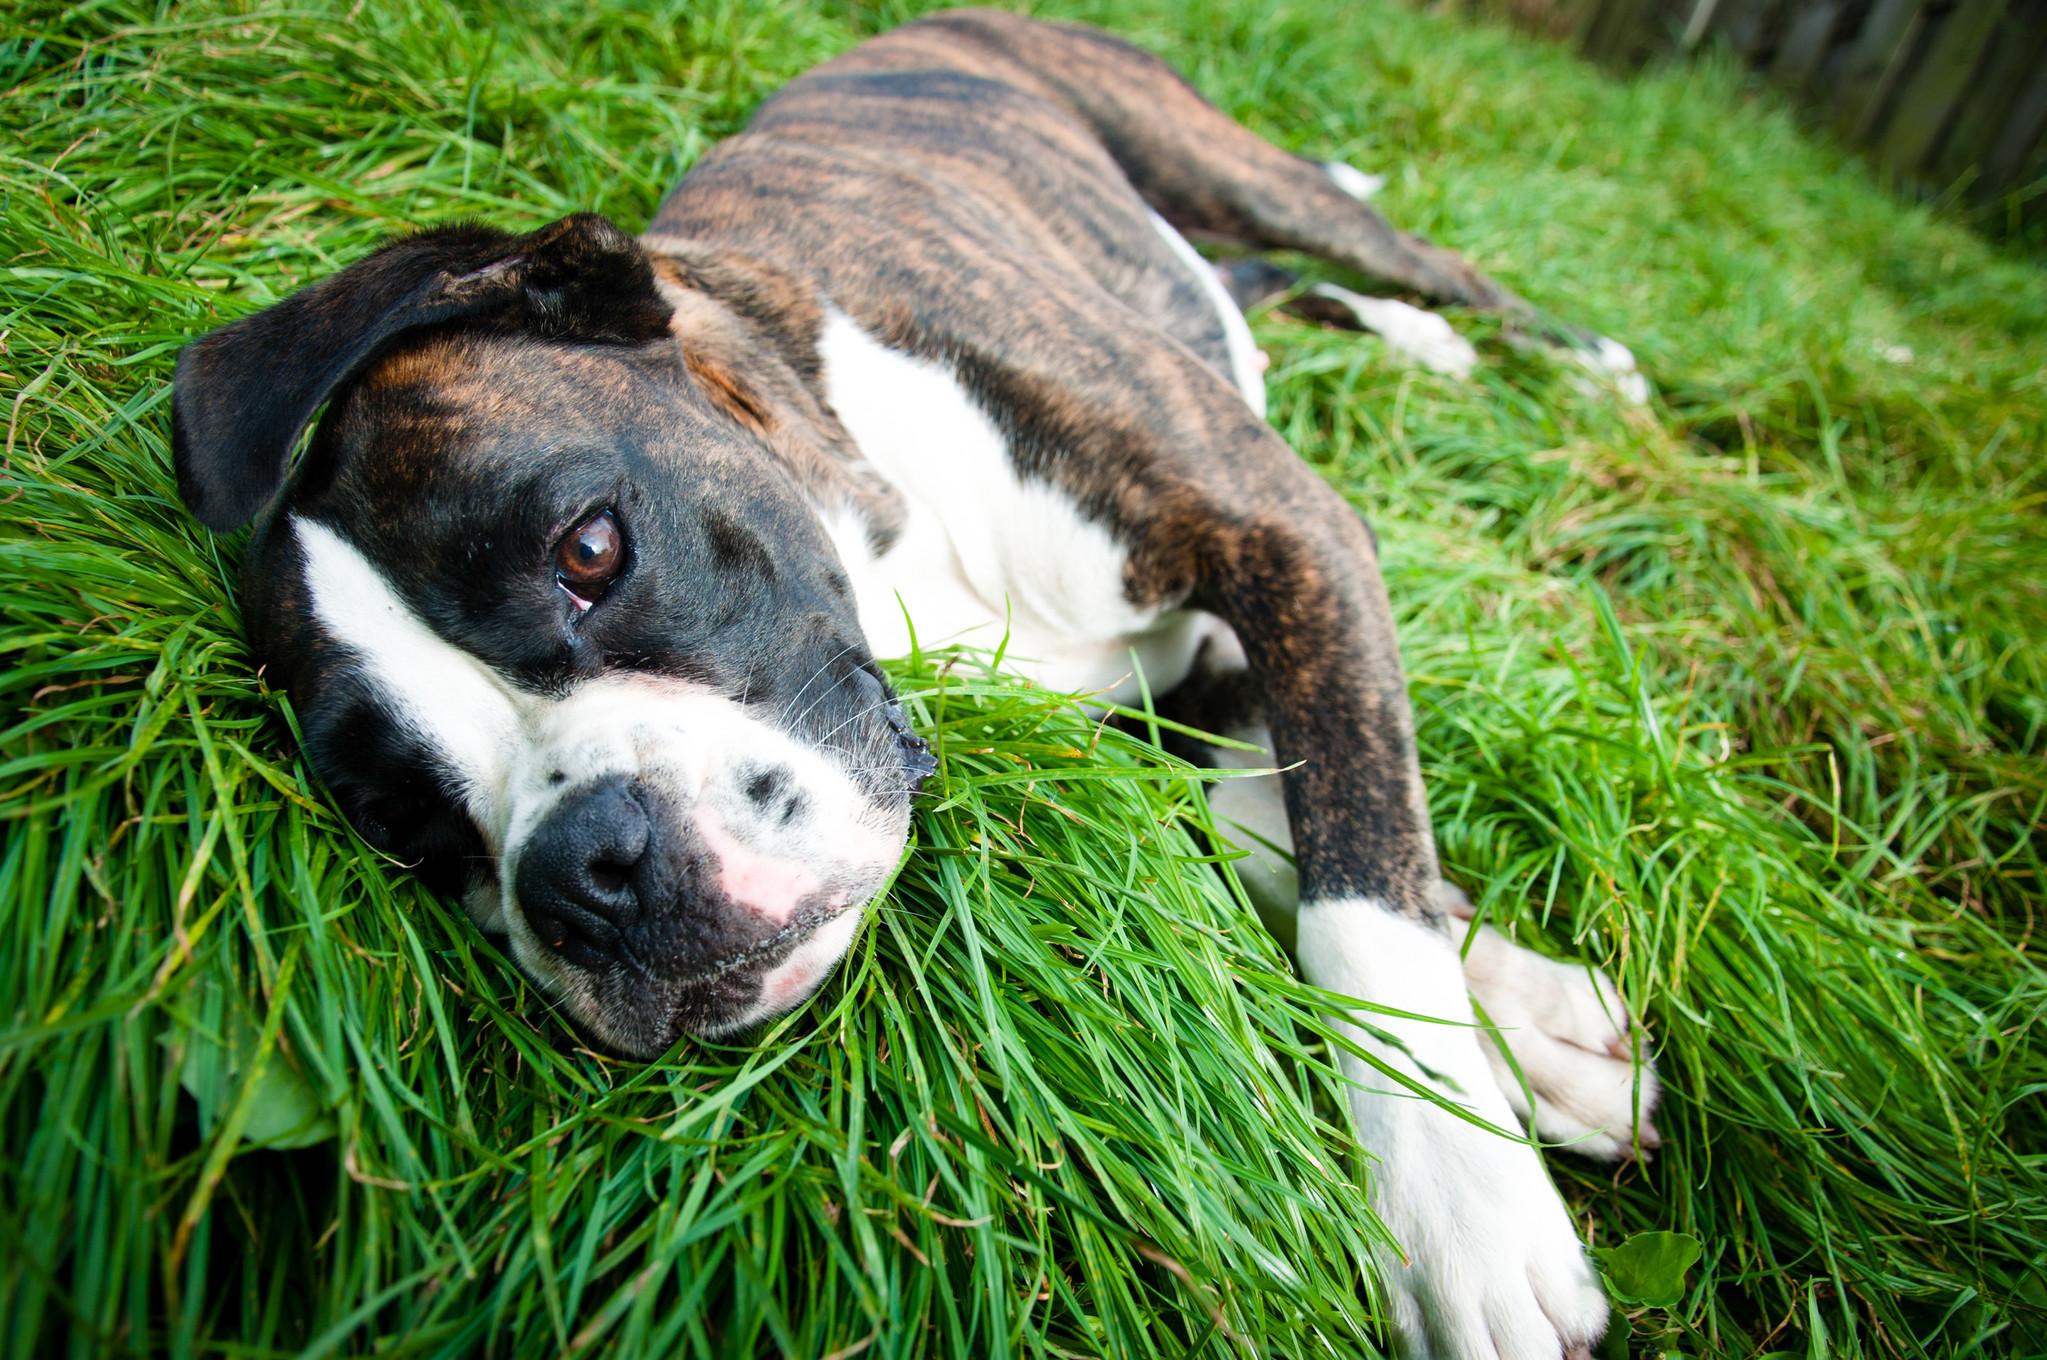 Hund liegend im Gras